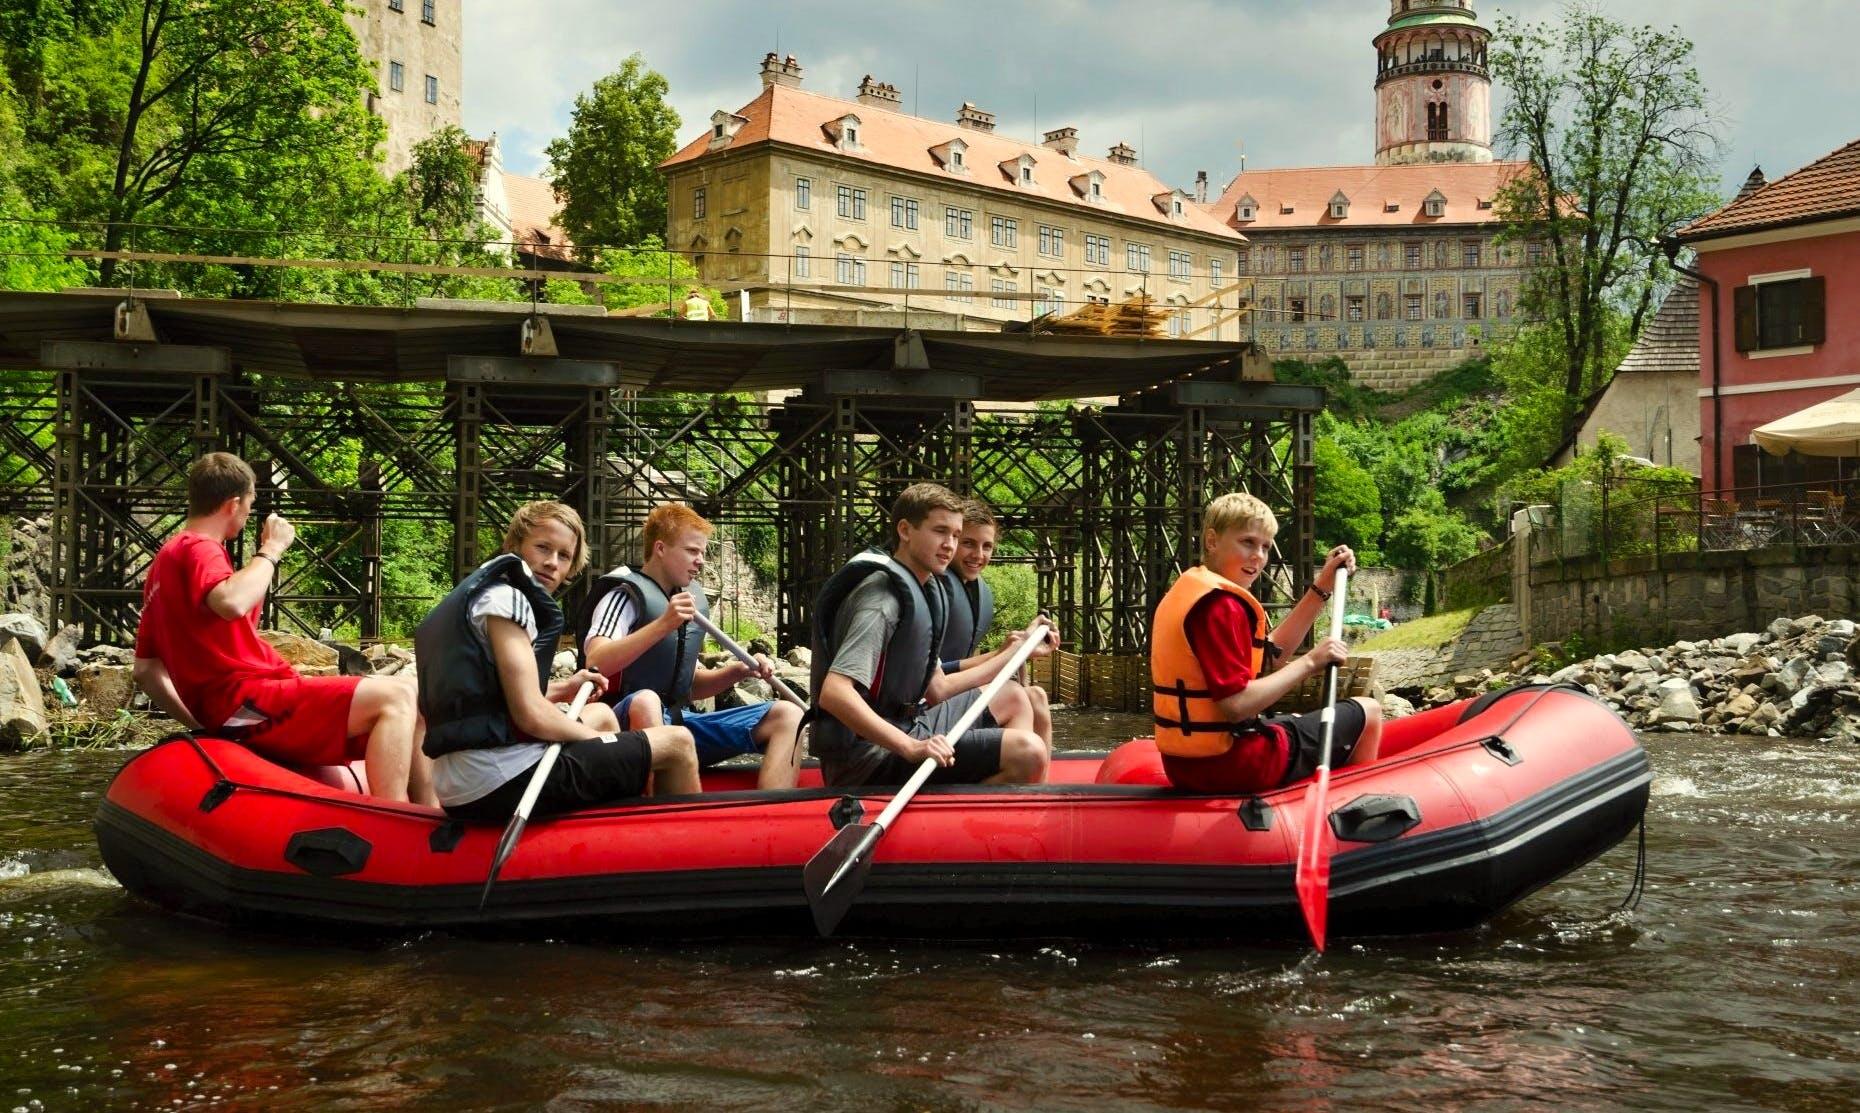 Rafting Trips in Сesky Krumlov, Czech Republic